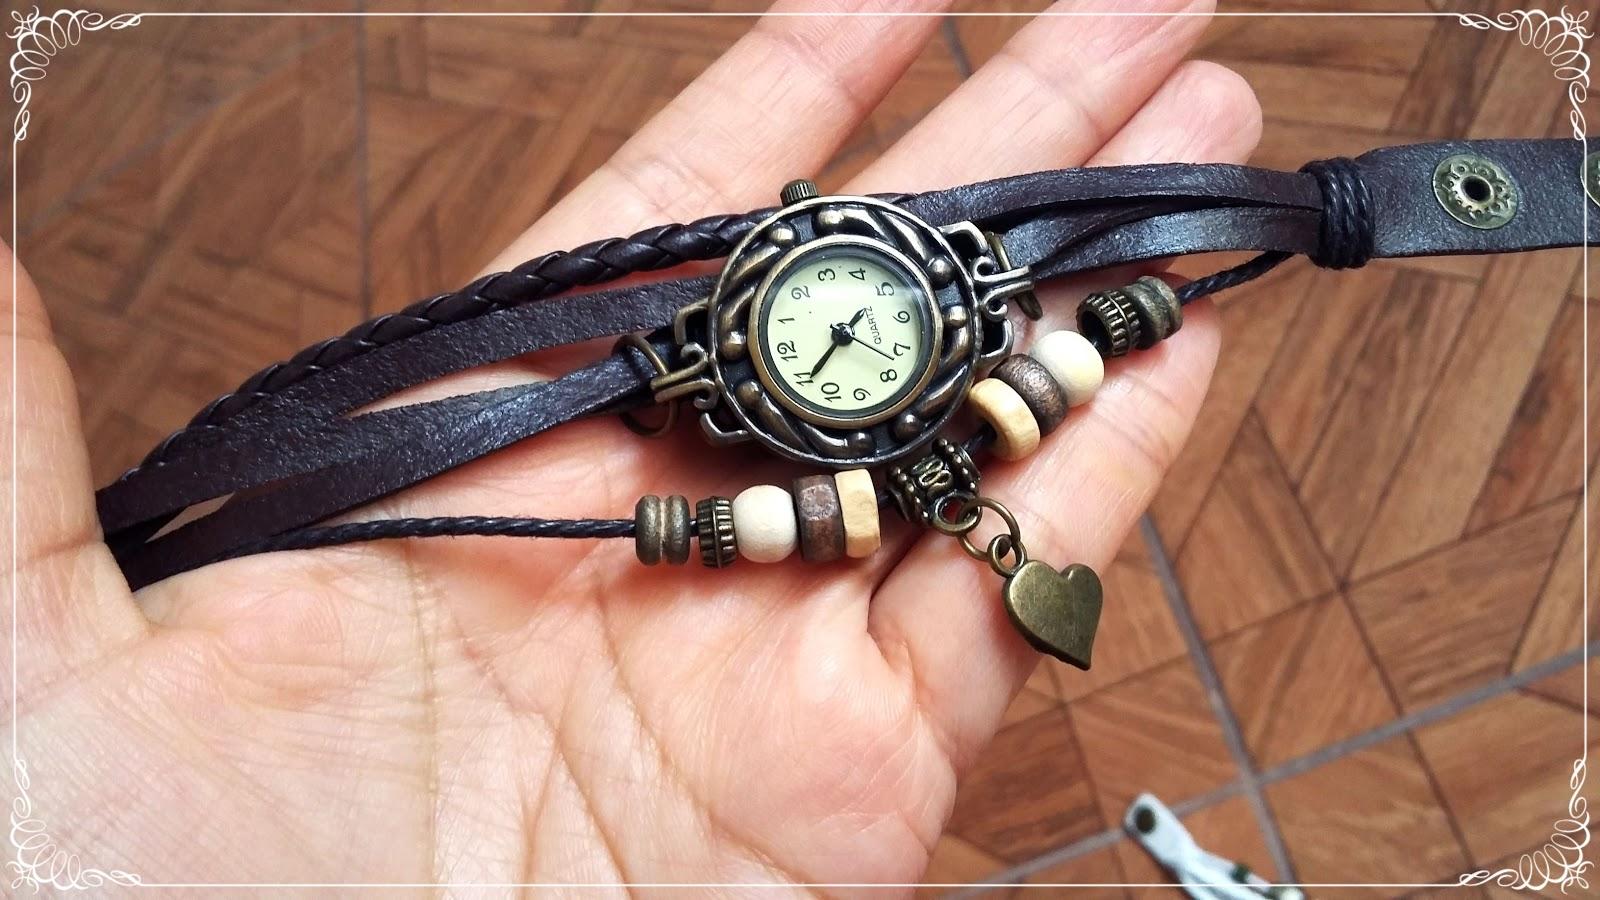 Como ven esto de comprar relojes en páginas chinas es como una ruleta. A  veces te salen bien y a veces te llevas una gran decepción. 3691fb0c1fcf